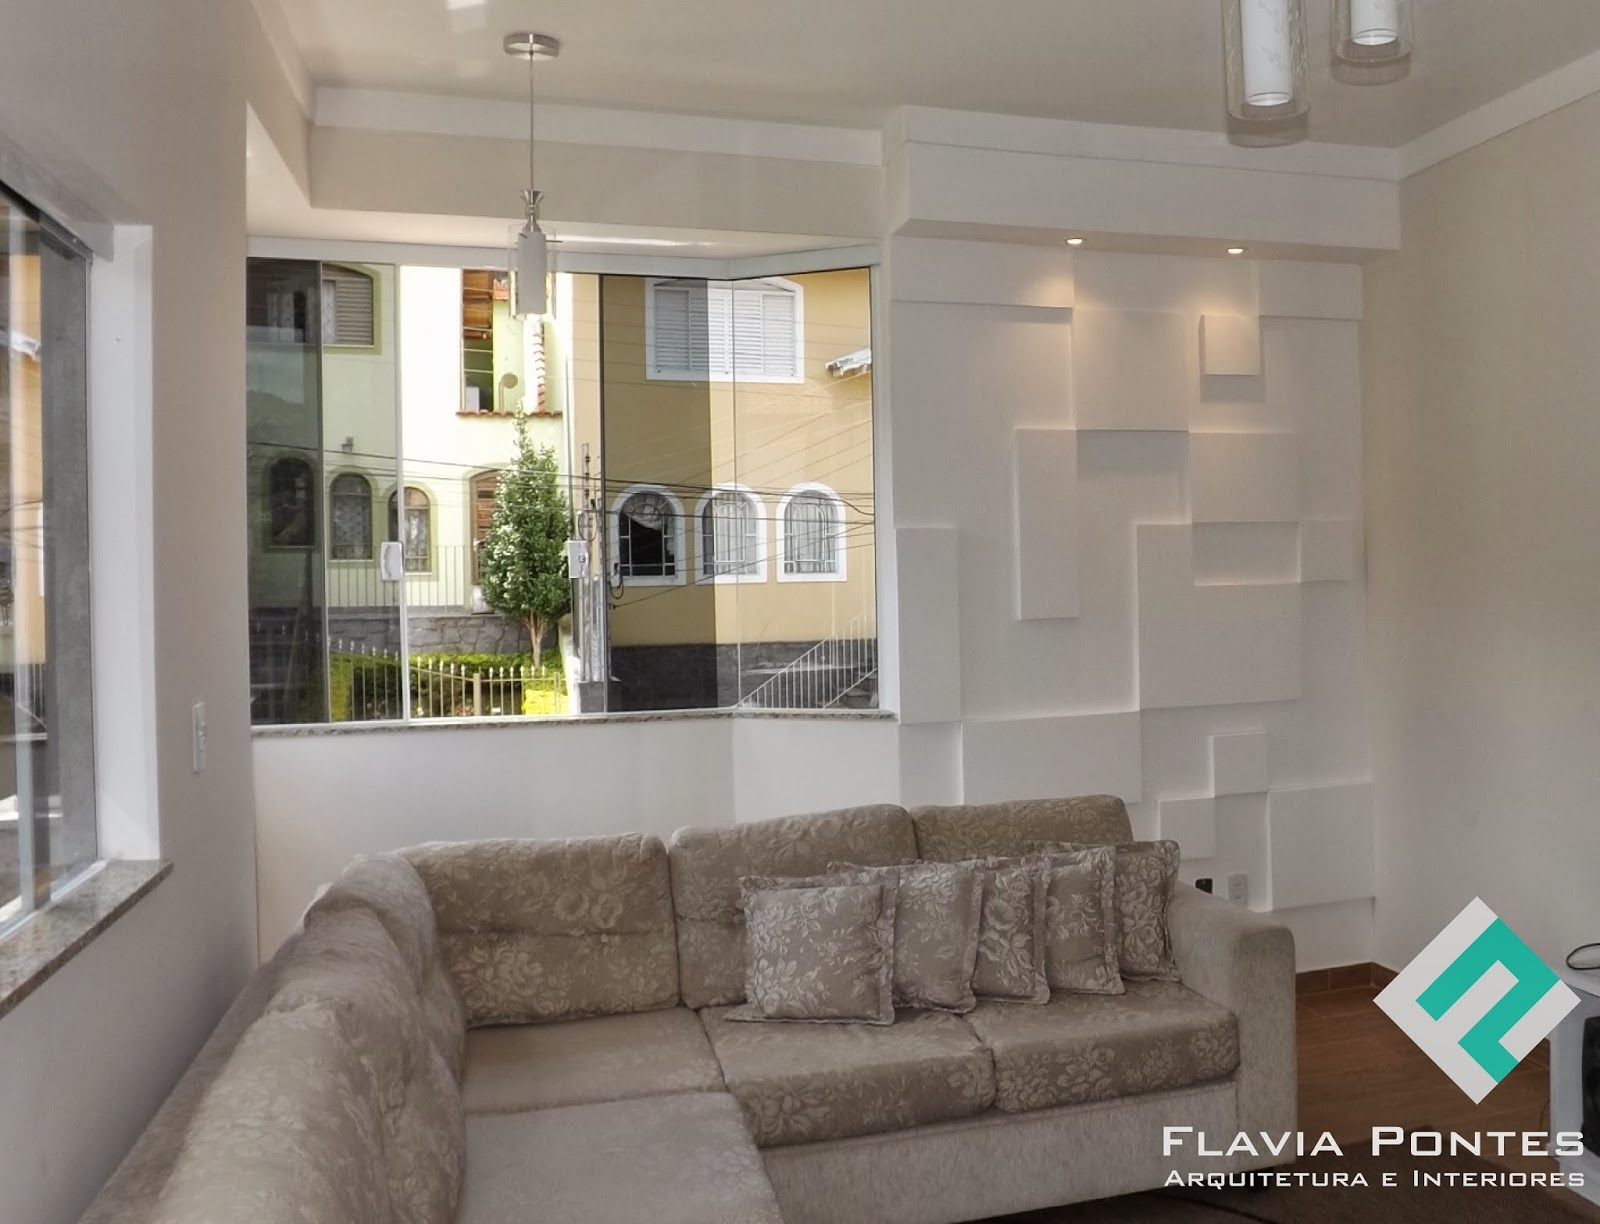 Flavia pontes arquitetura - Placas para decorar paredes ...